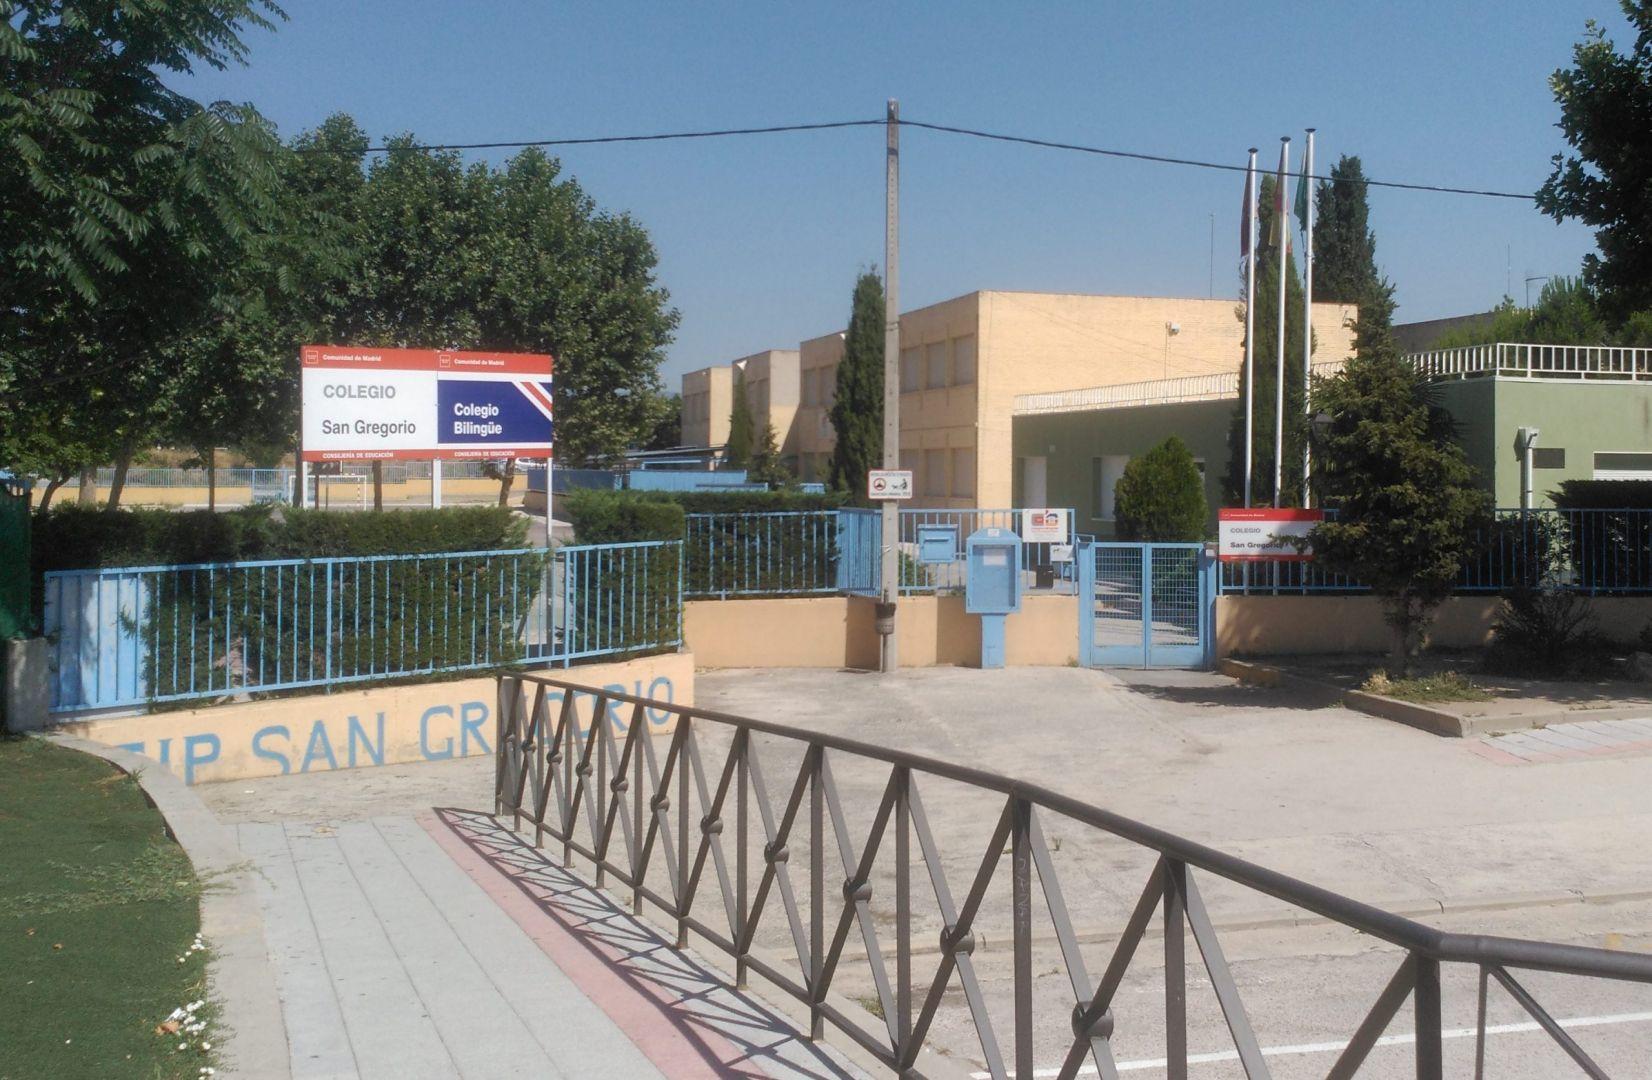 Adecuación del CEIP San Gregorio en Galapagar. Madrid